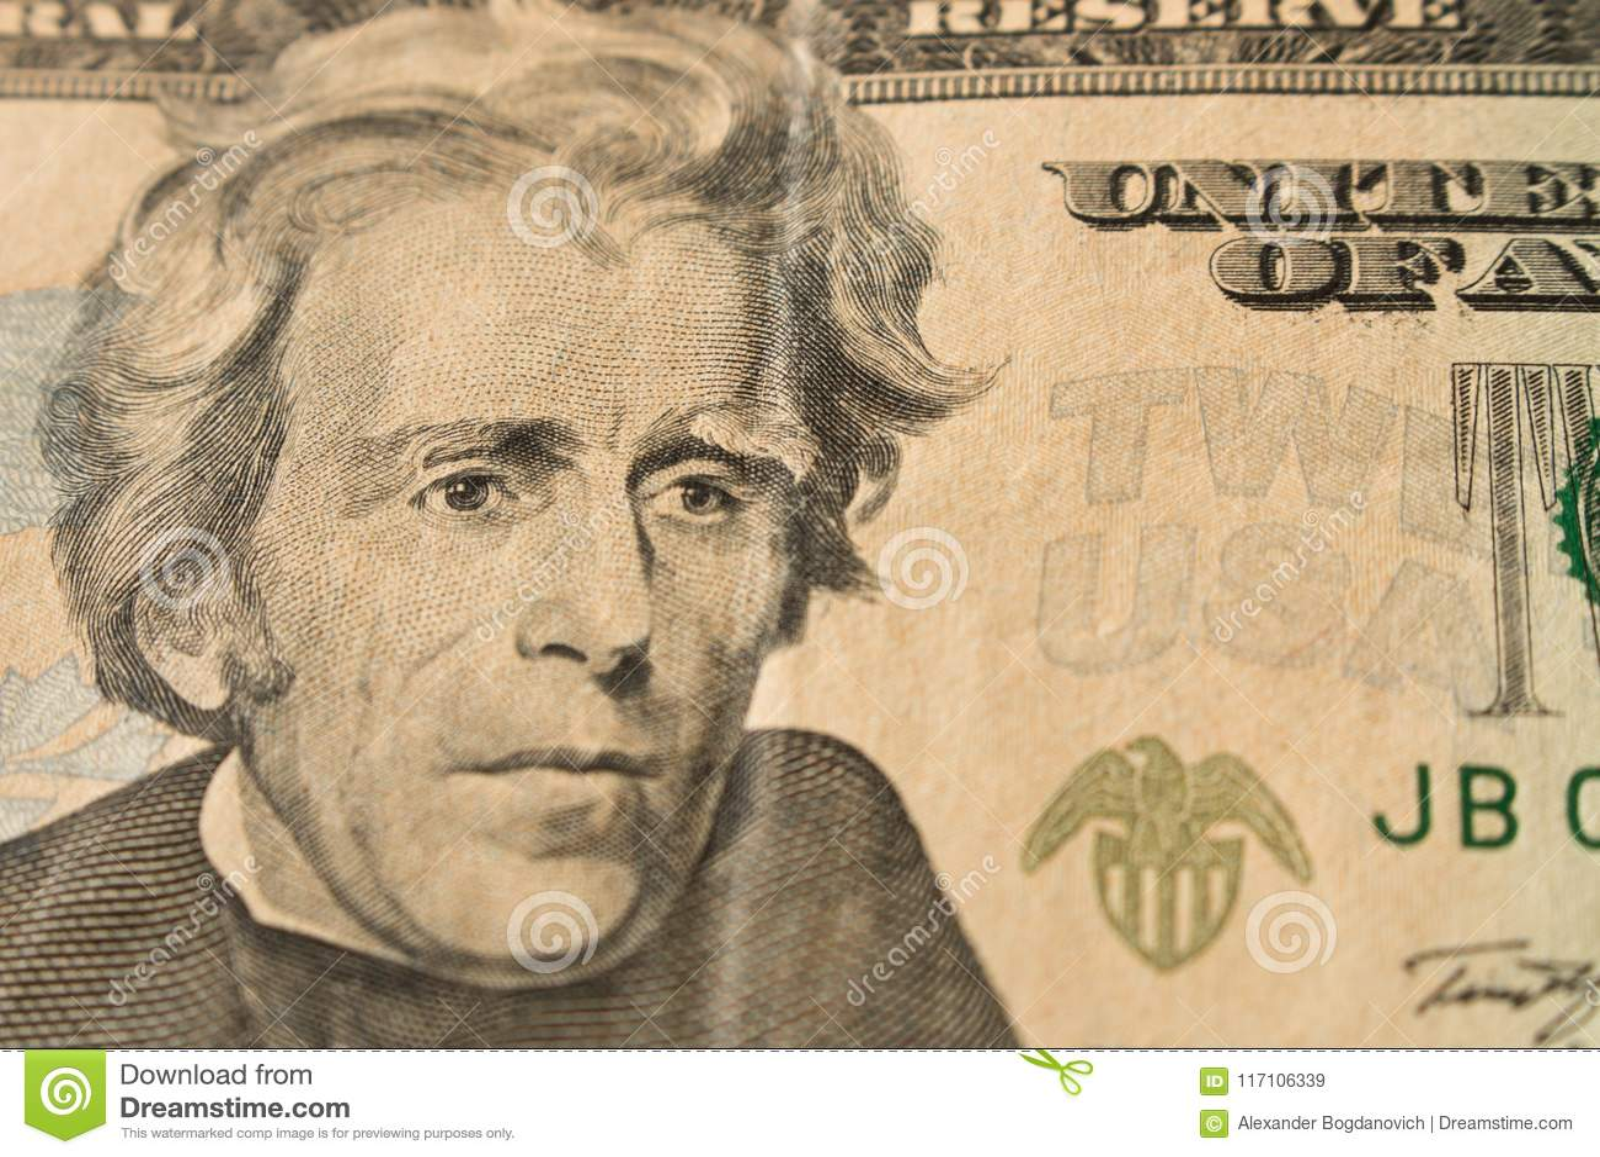 Ritratto di presidente Andrew Jackson sulla banconota in dollari 20 U vicina